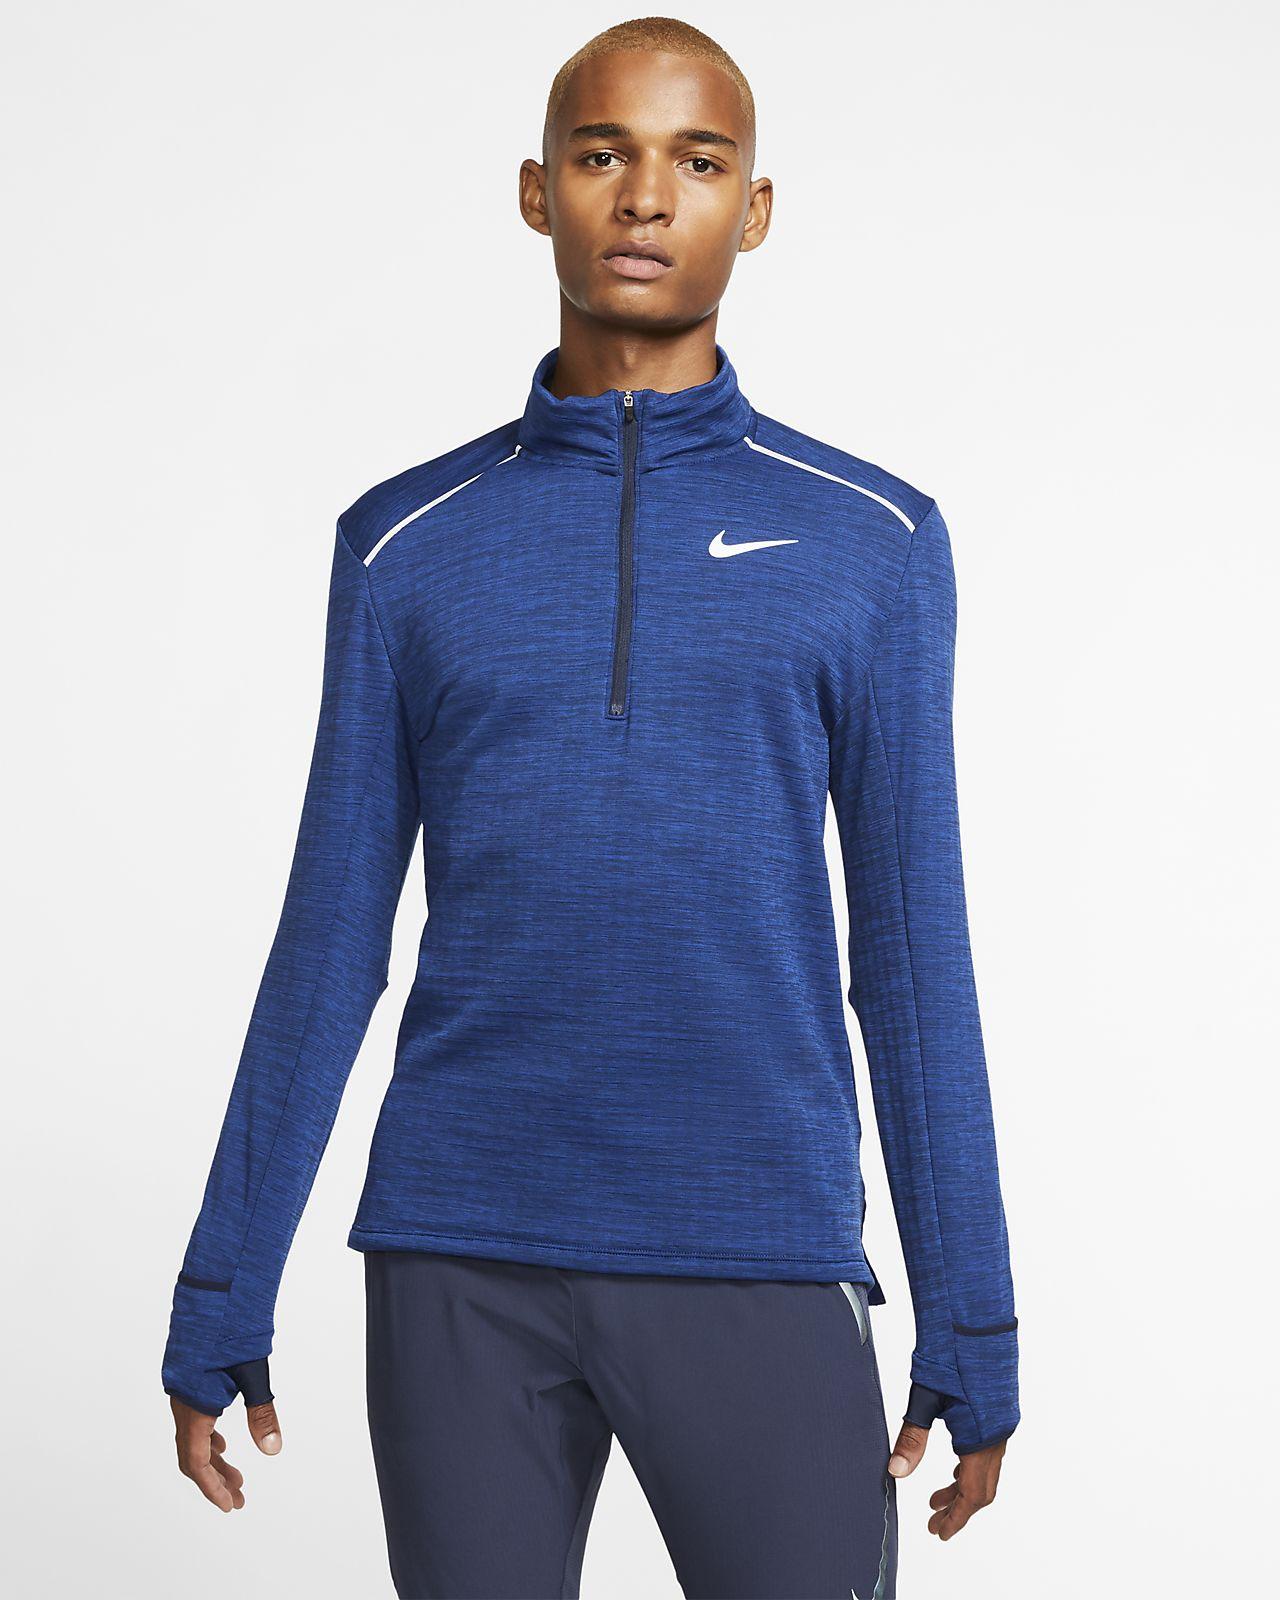 Nike Therma Sphere Element 3.0 Men's 1/2-Zip Running Top